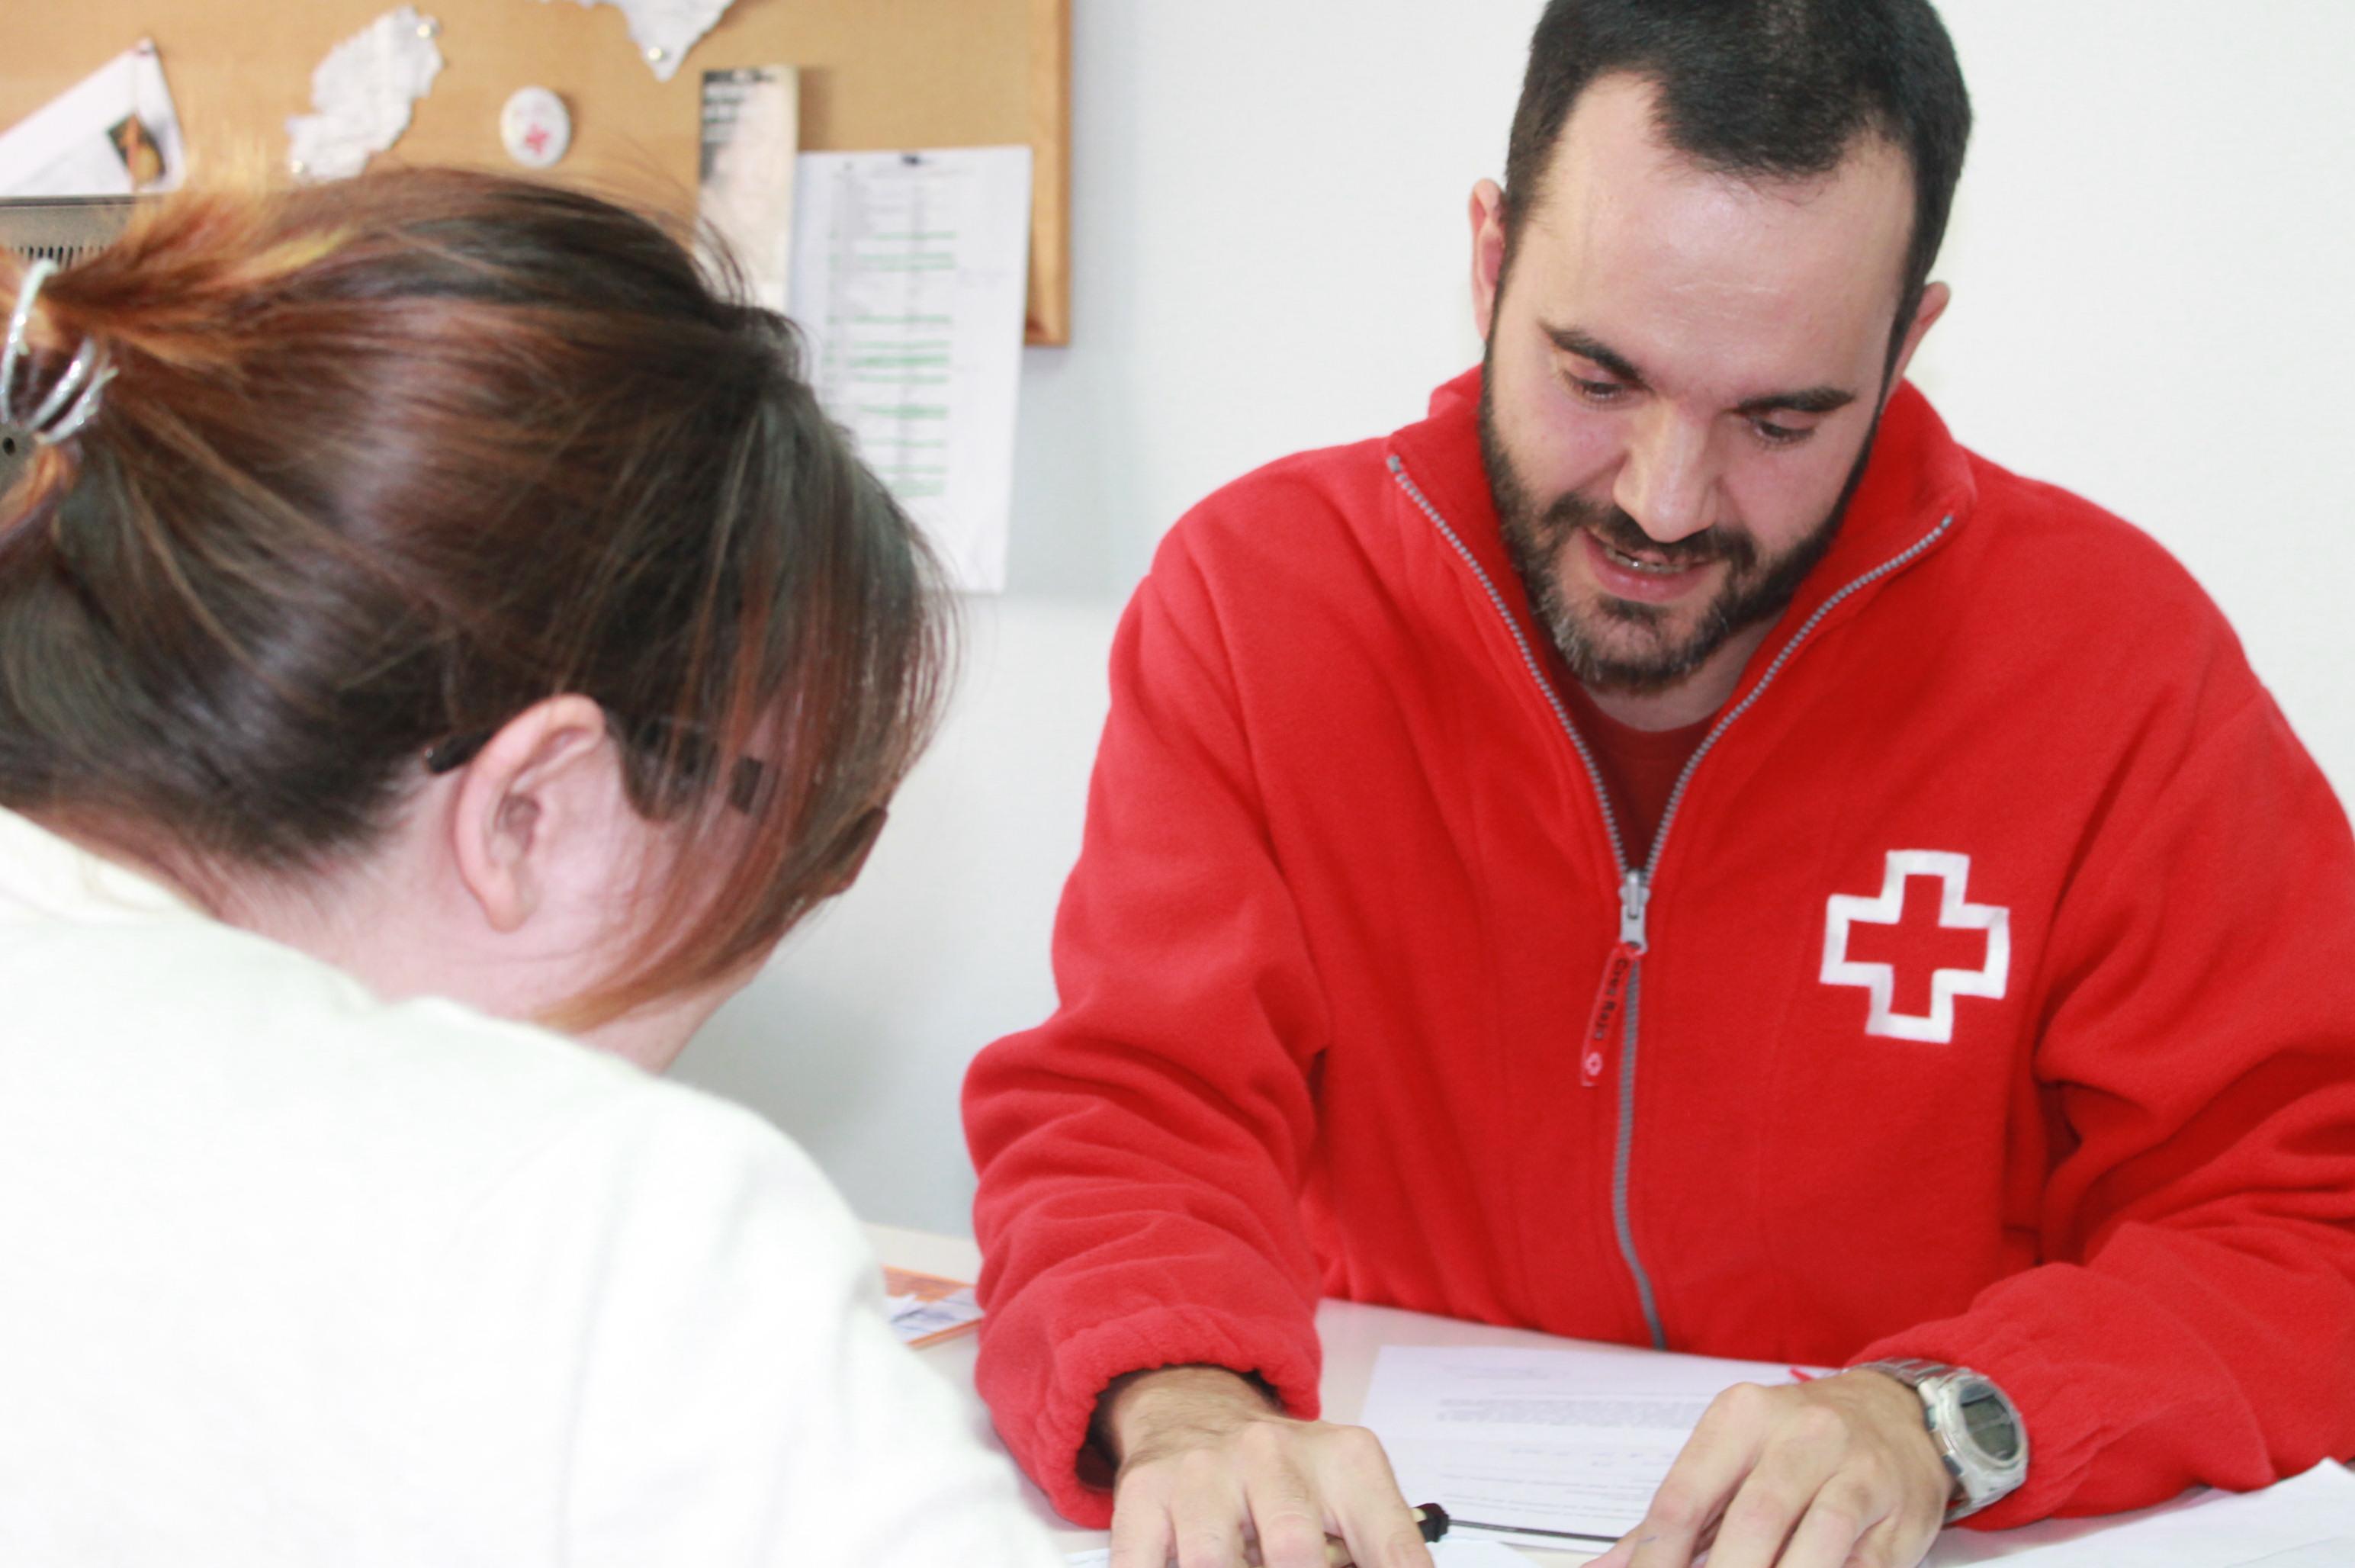 Voluntariat al Servei de Suport a les Necessitats Bàsiques de Creu Roja